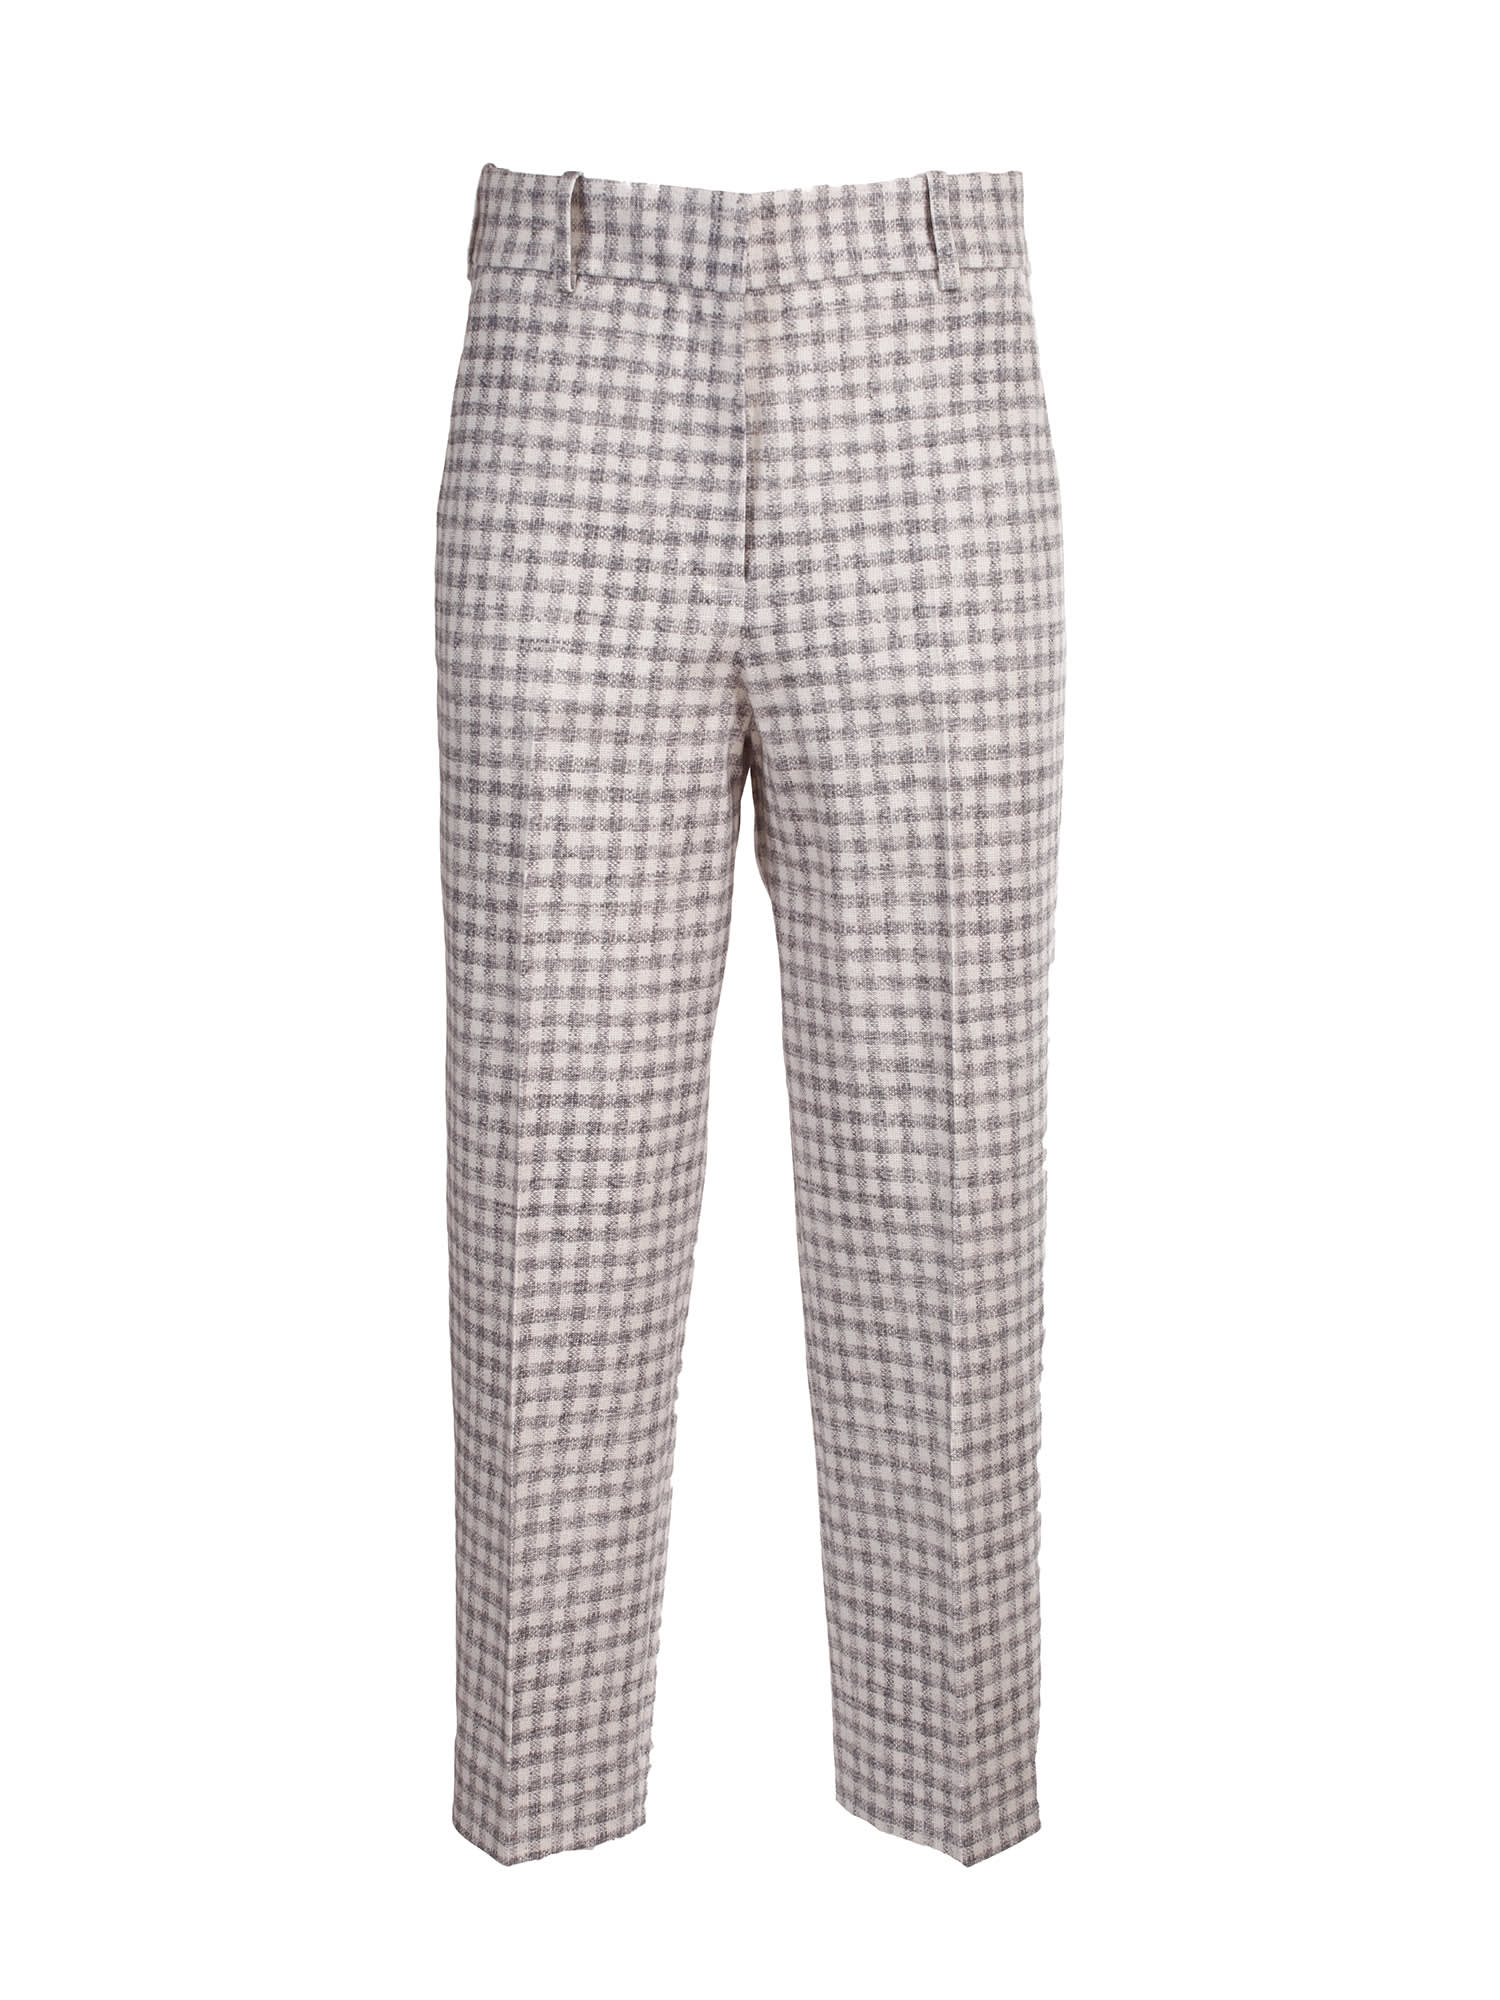 1901 Circle pants